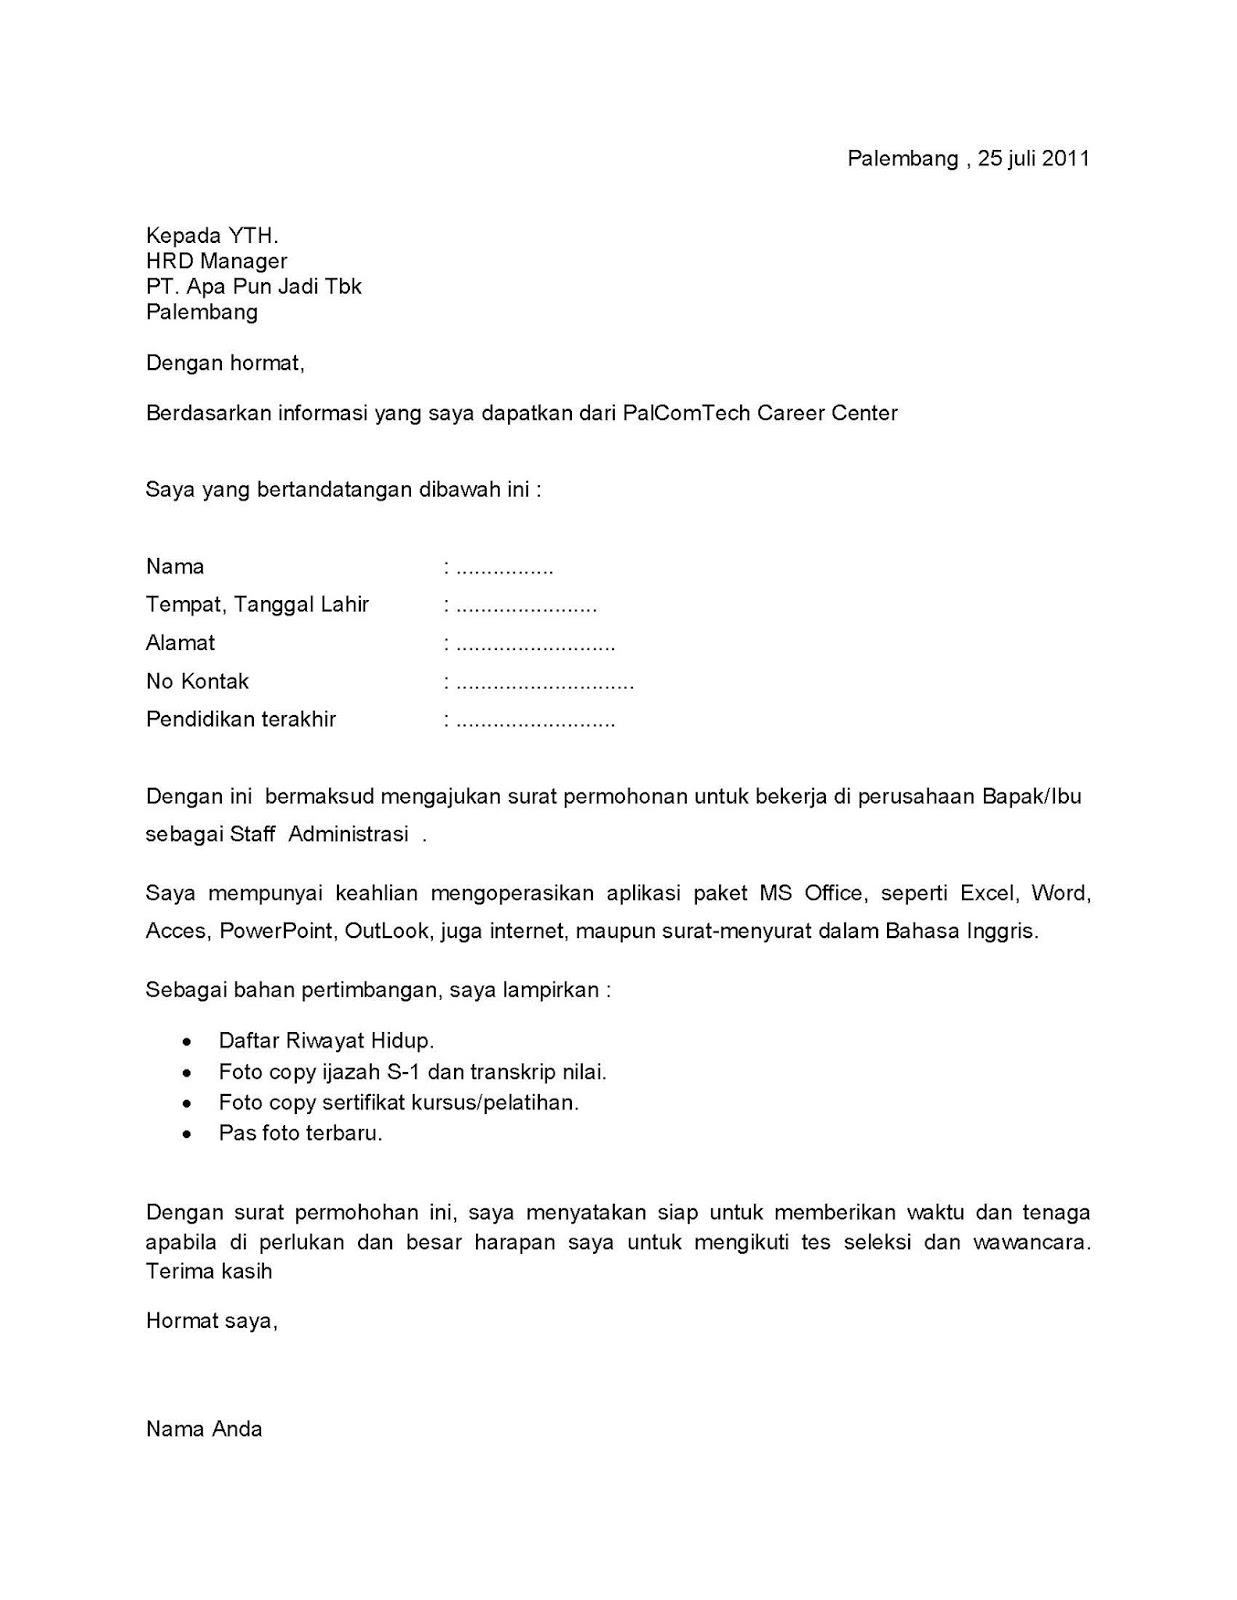 Contoh Surat Pelantikan Pekerja